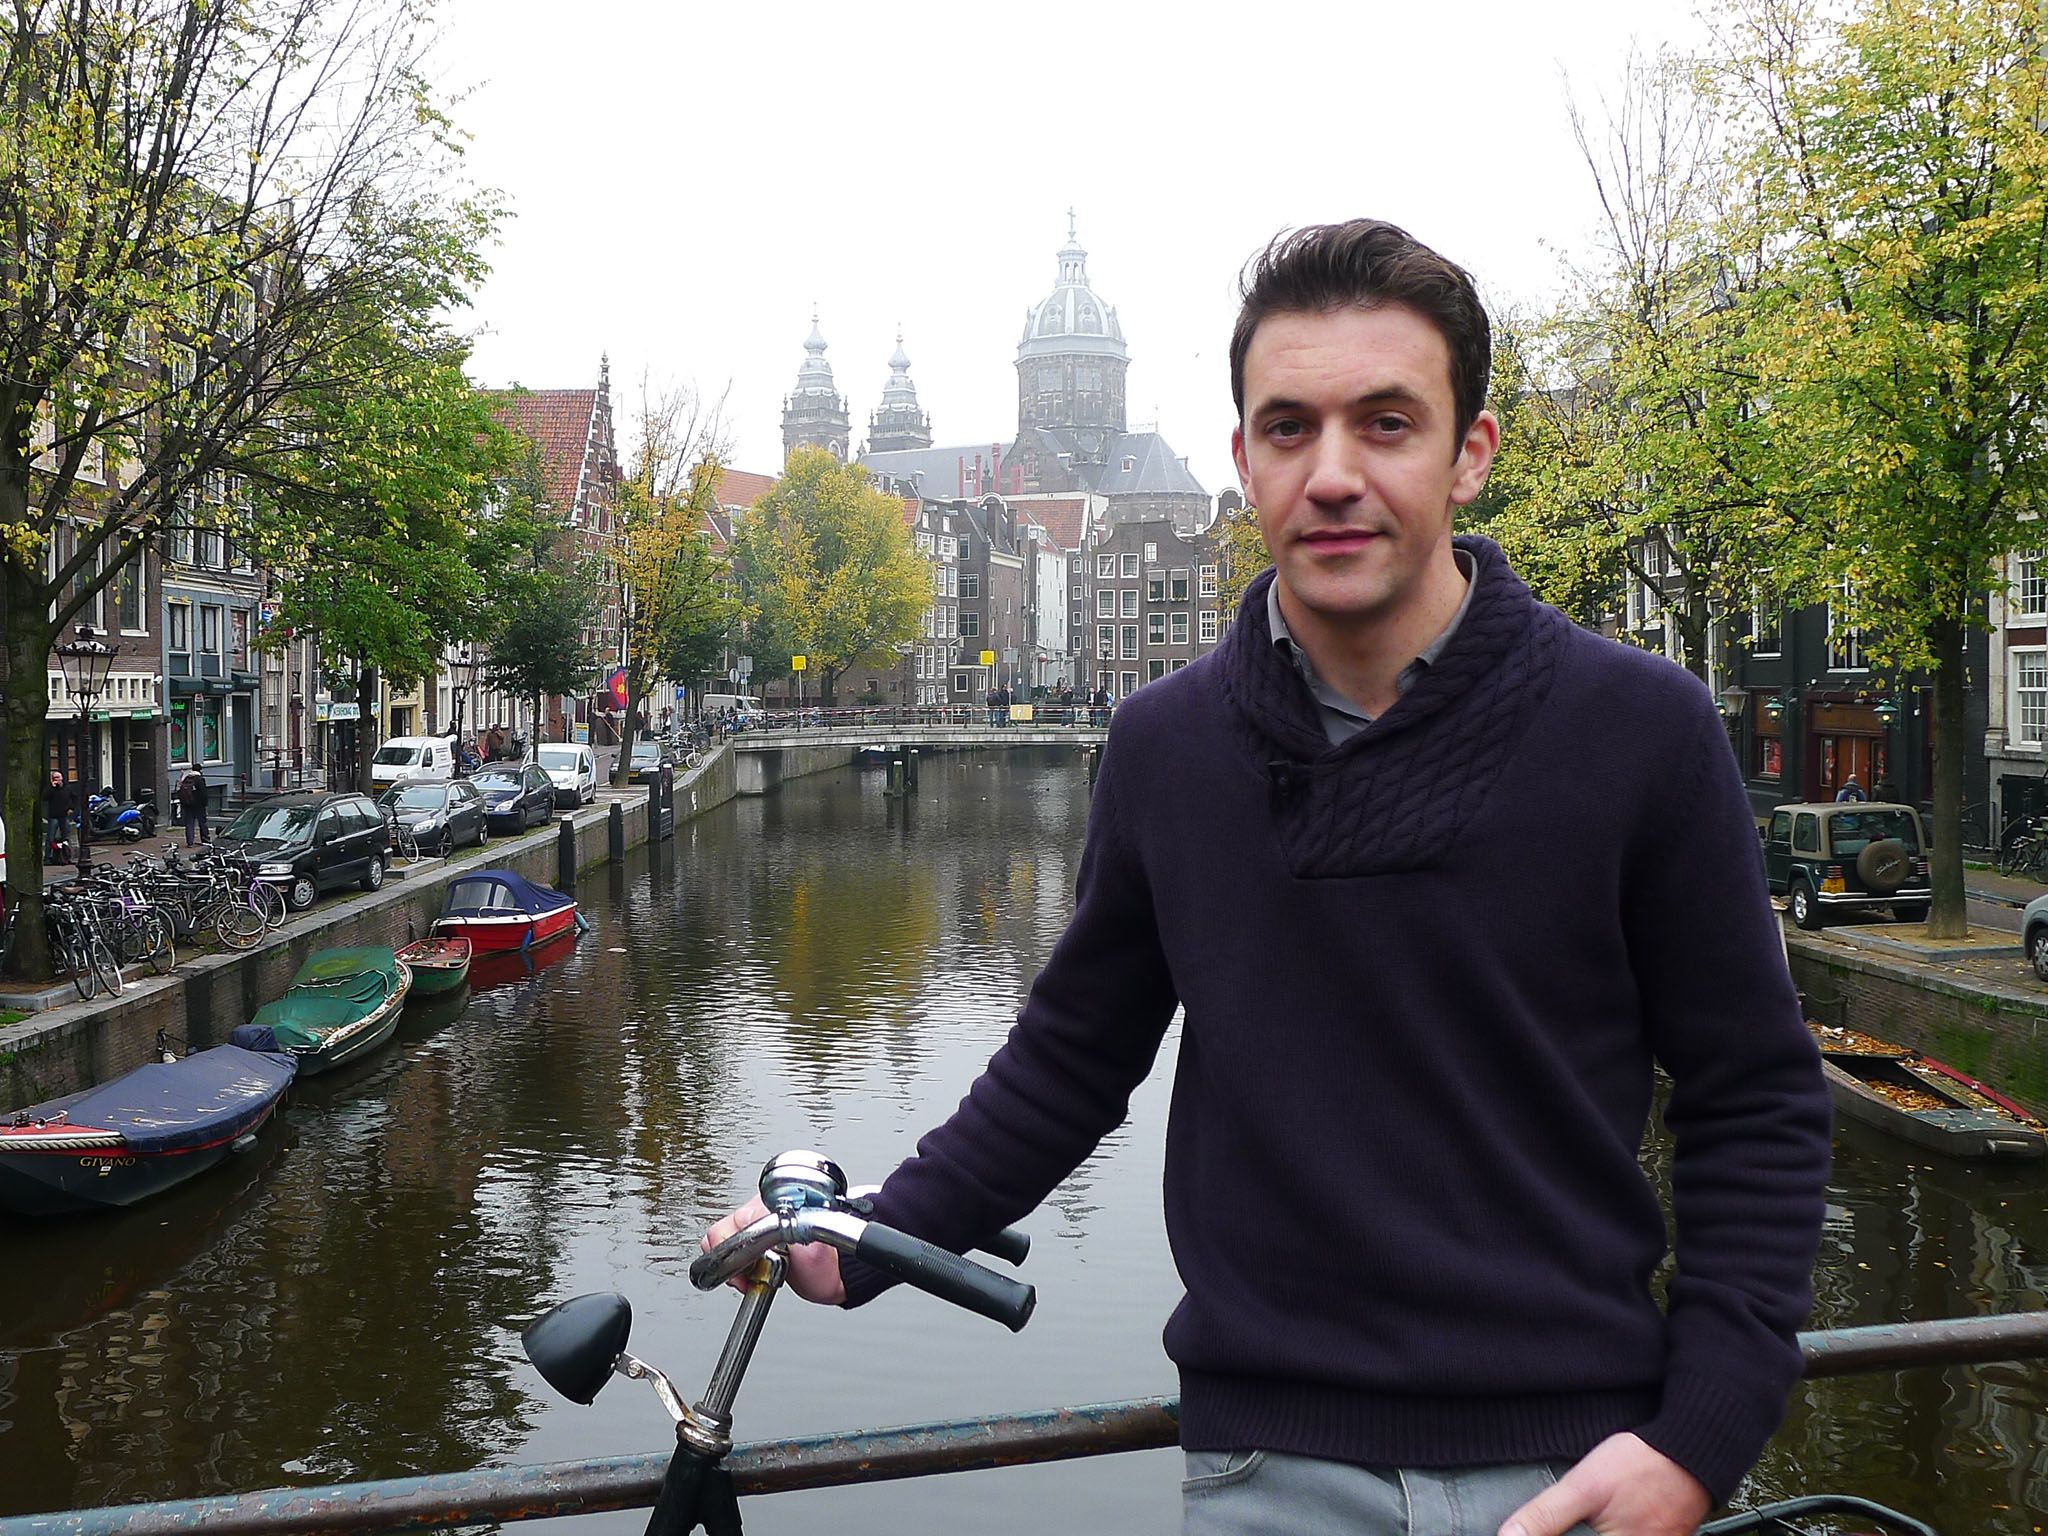 القناة، أمستردام، هولندا: يصل جوي كراولي إلى محاكم... [Photo of the day - أكتوبر 2016]